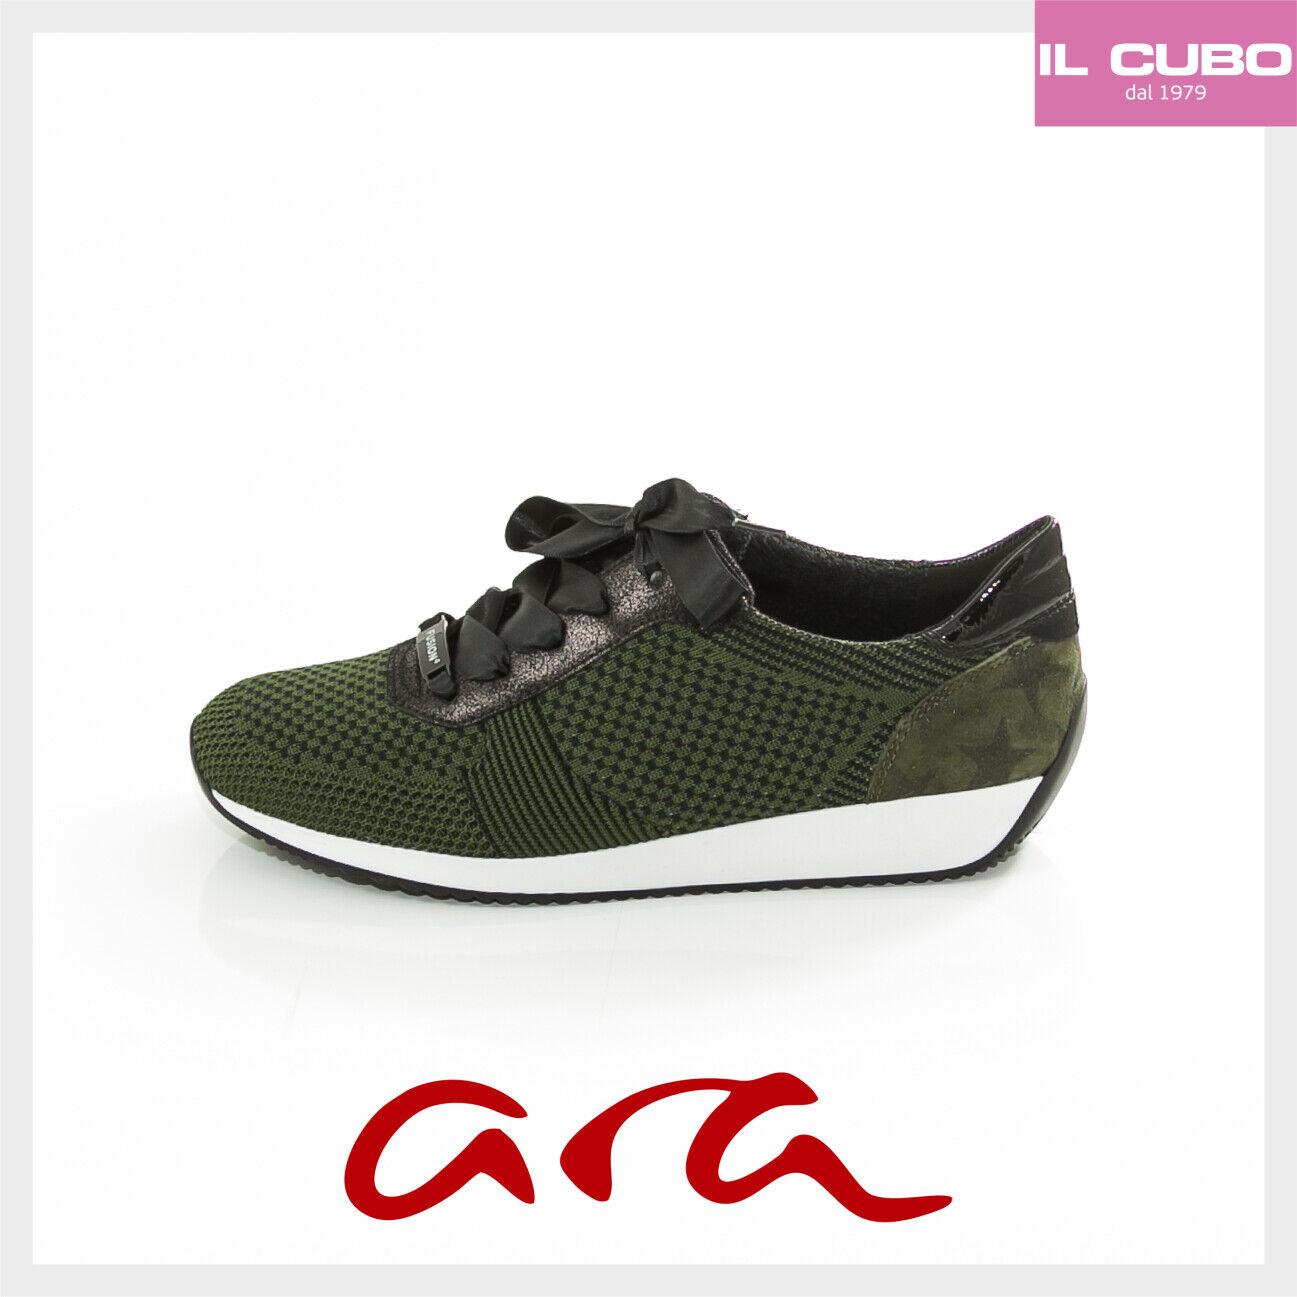 zapatillas ARA FUSION ColorE verde NEW TESSUTO TRASPIRANTE RIPORTO PELLE NEW verde zapatos 8537cc